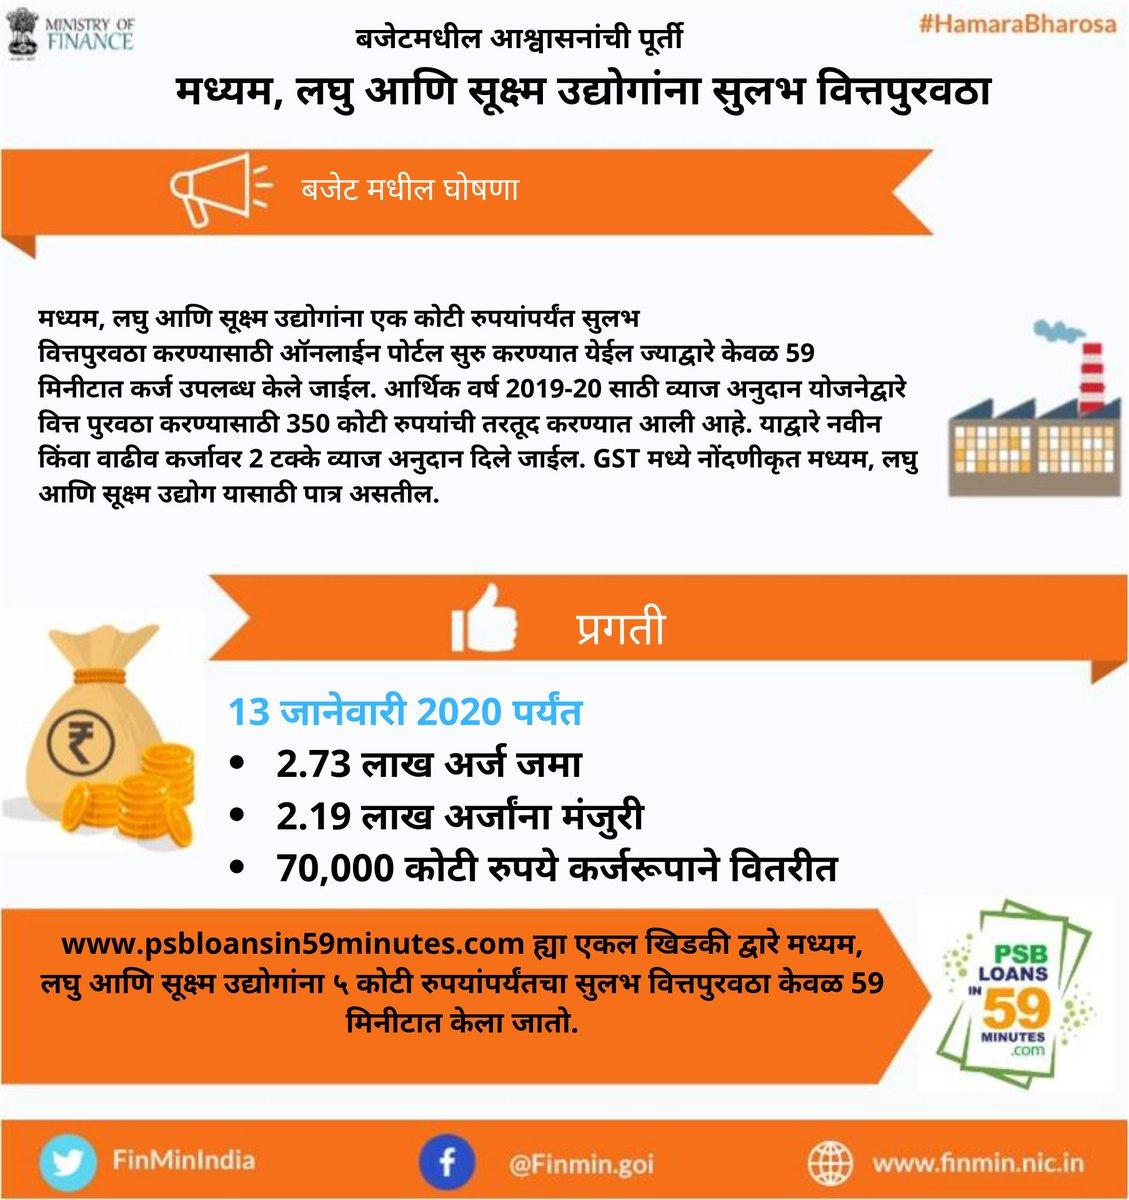 भारताला एका नव्या उंचीवर घेऊन जाण्याचा संकल्प: कर्जपुरवठा सुलभ करून उद्याचे उद्योजक घडवणे. #HamaraBharosa @nsitharamanoffc @Anurag_Office @PIB_India @DDNewslive @airnewsalerts